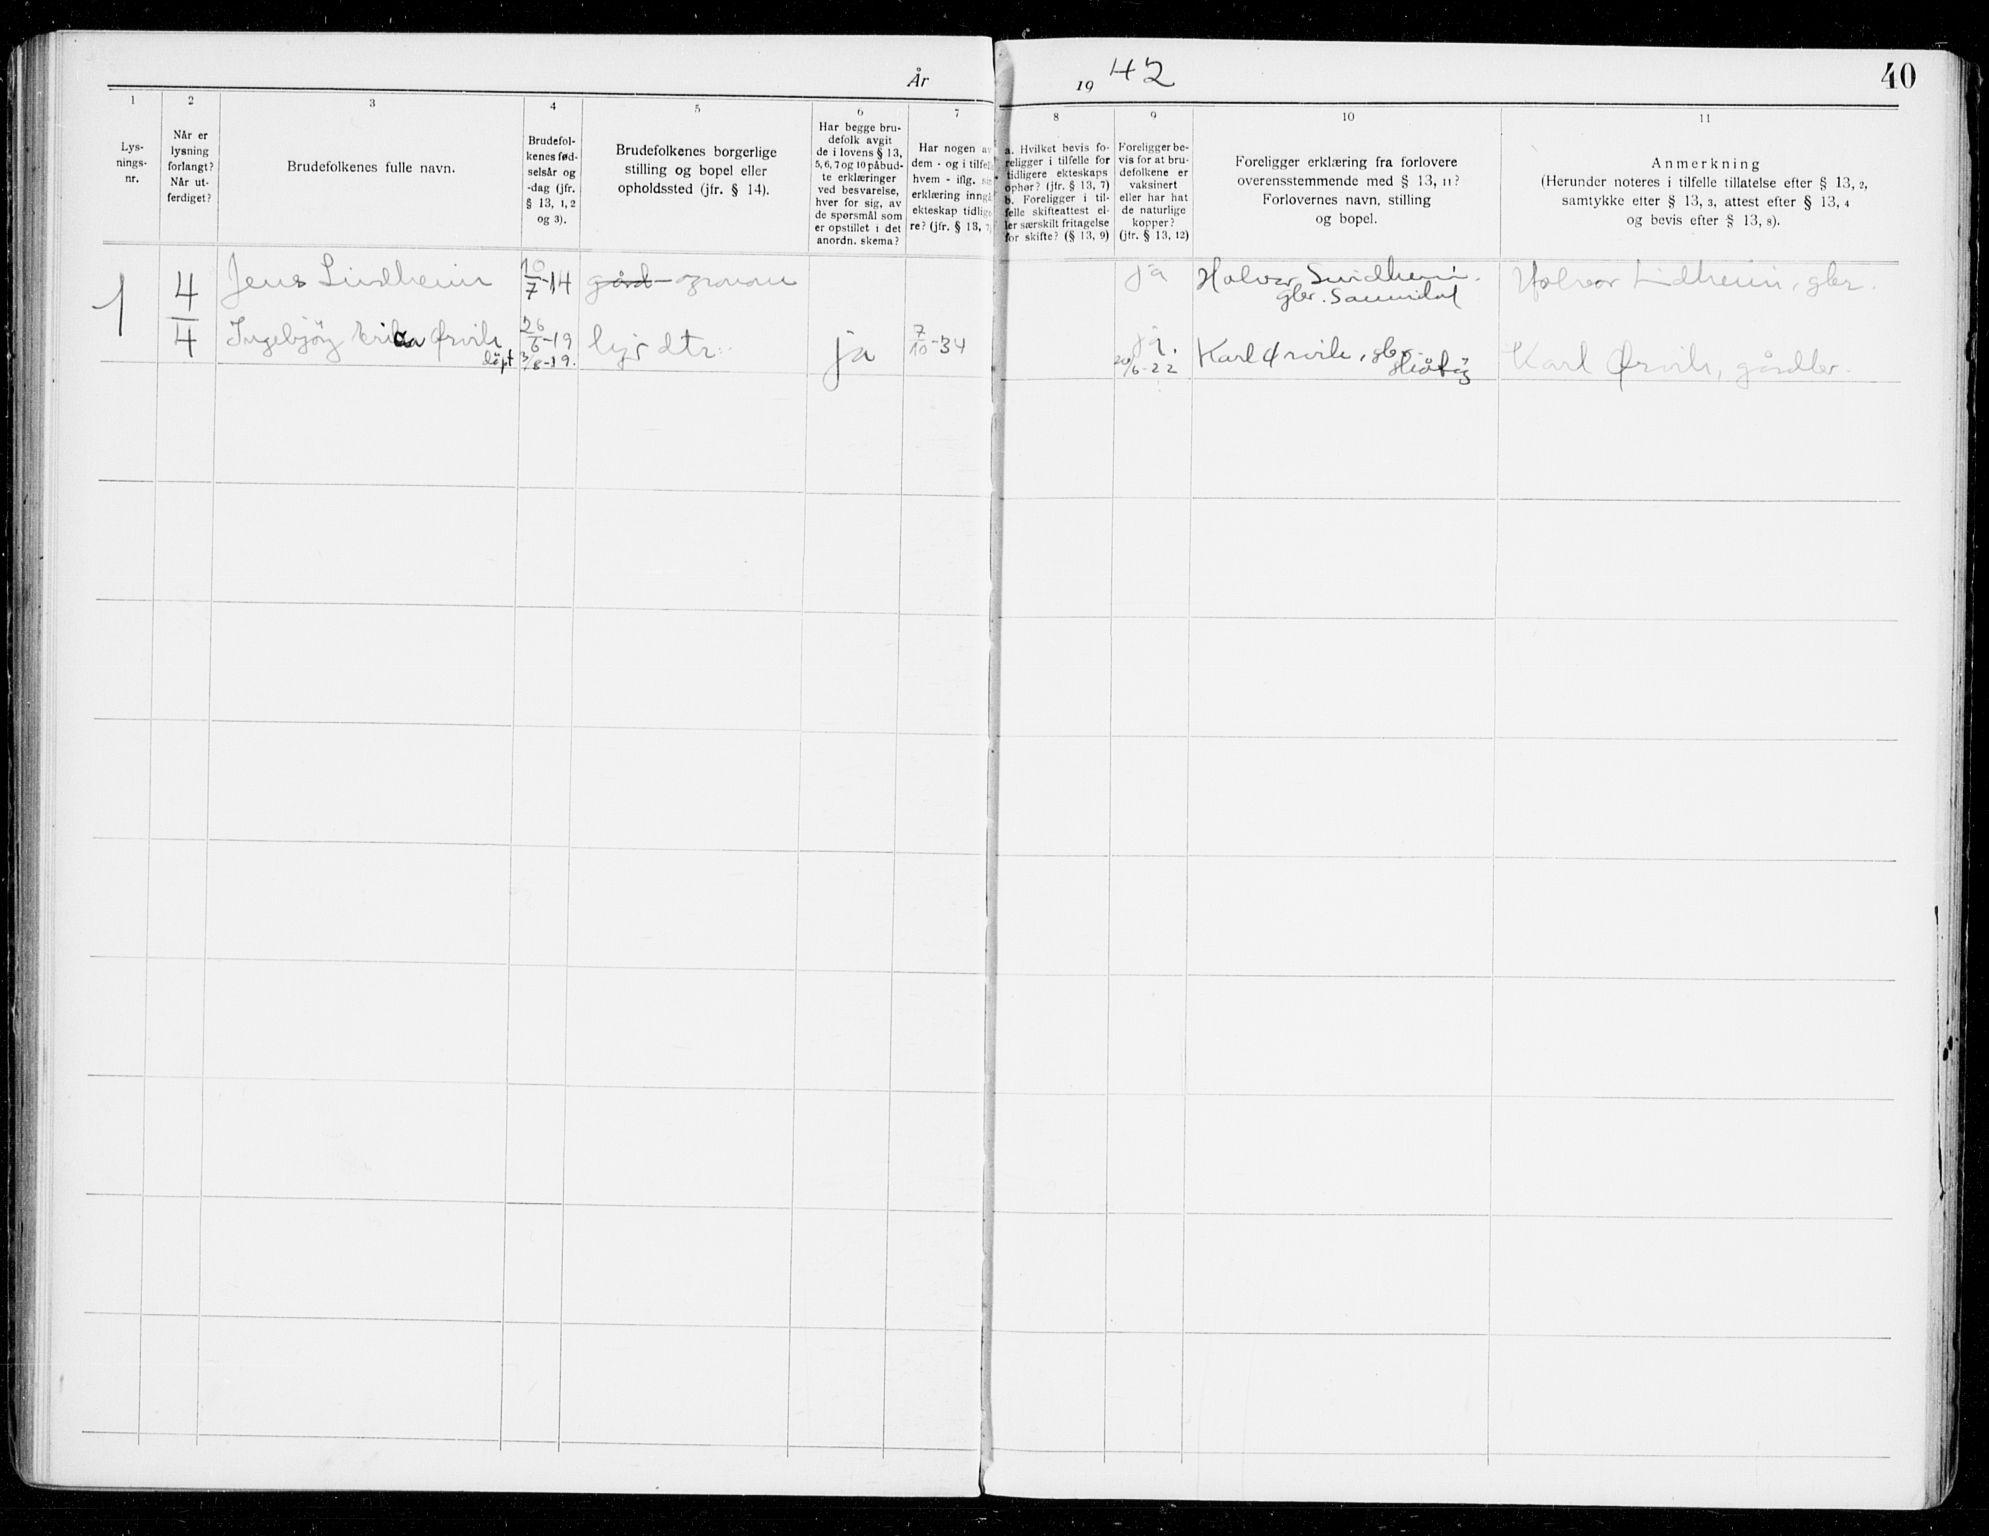 SAKO, Sannidal kirkebøker, H/Ha/L0002: Lysningsprotokoll nr. 2, 1919-1942, s. 40